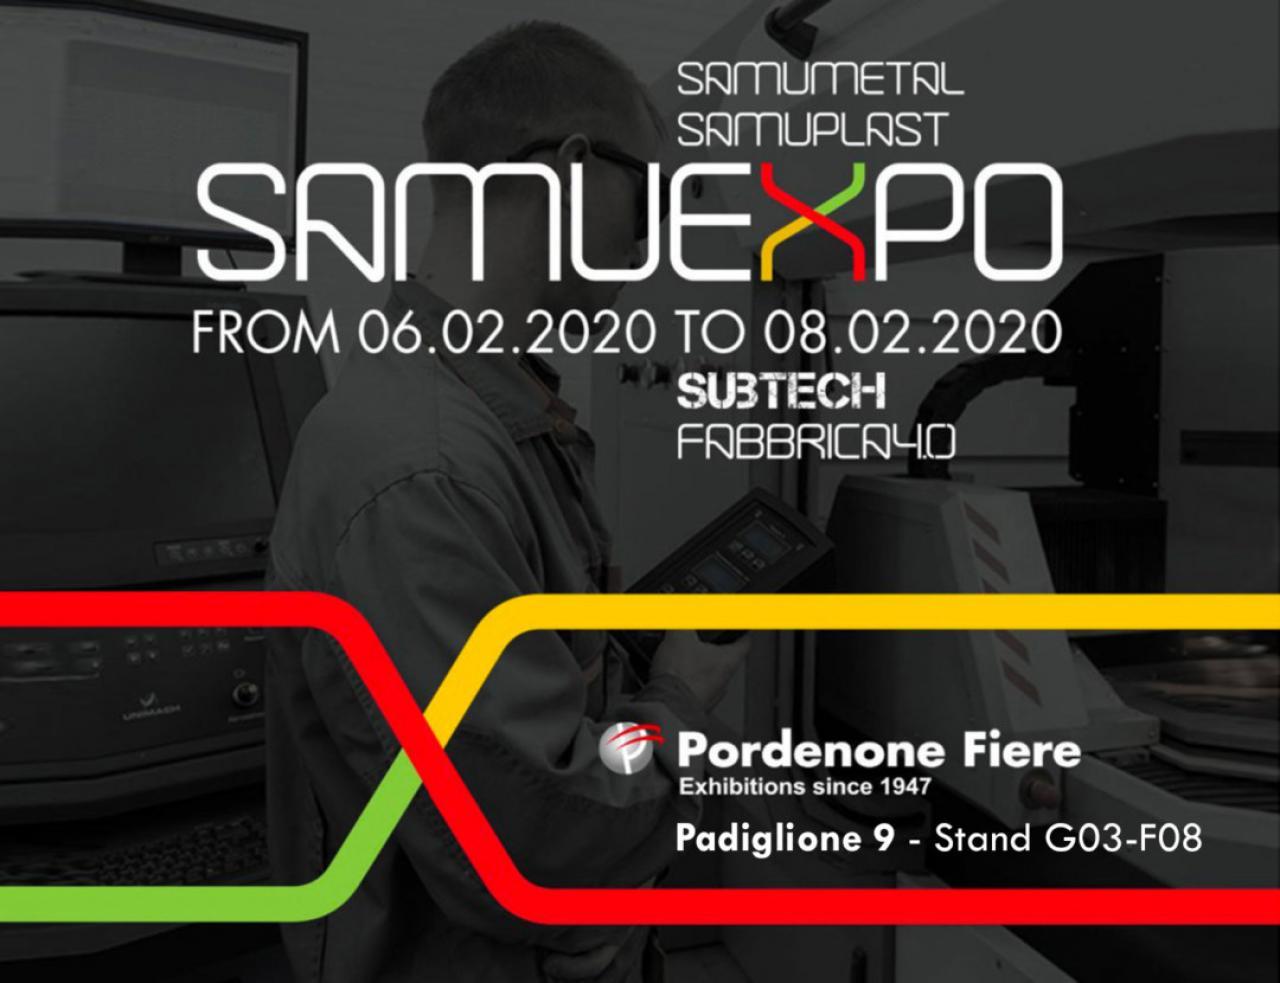 """Next Pordenone Fair """"SAMUEXPO"""" from 06 to 08 February 2020"""